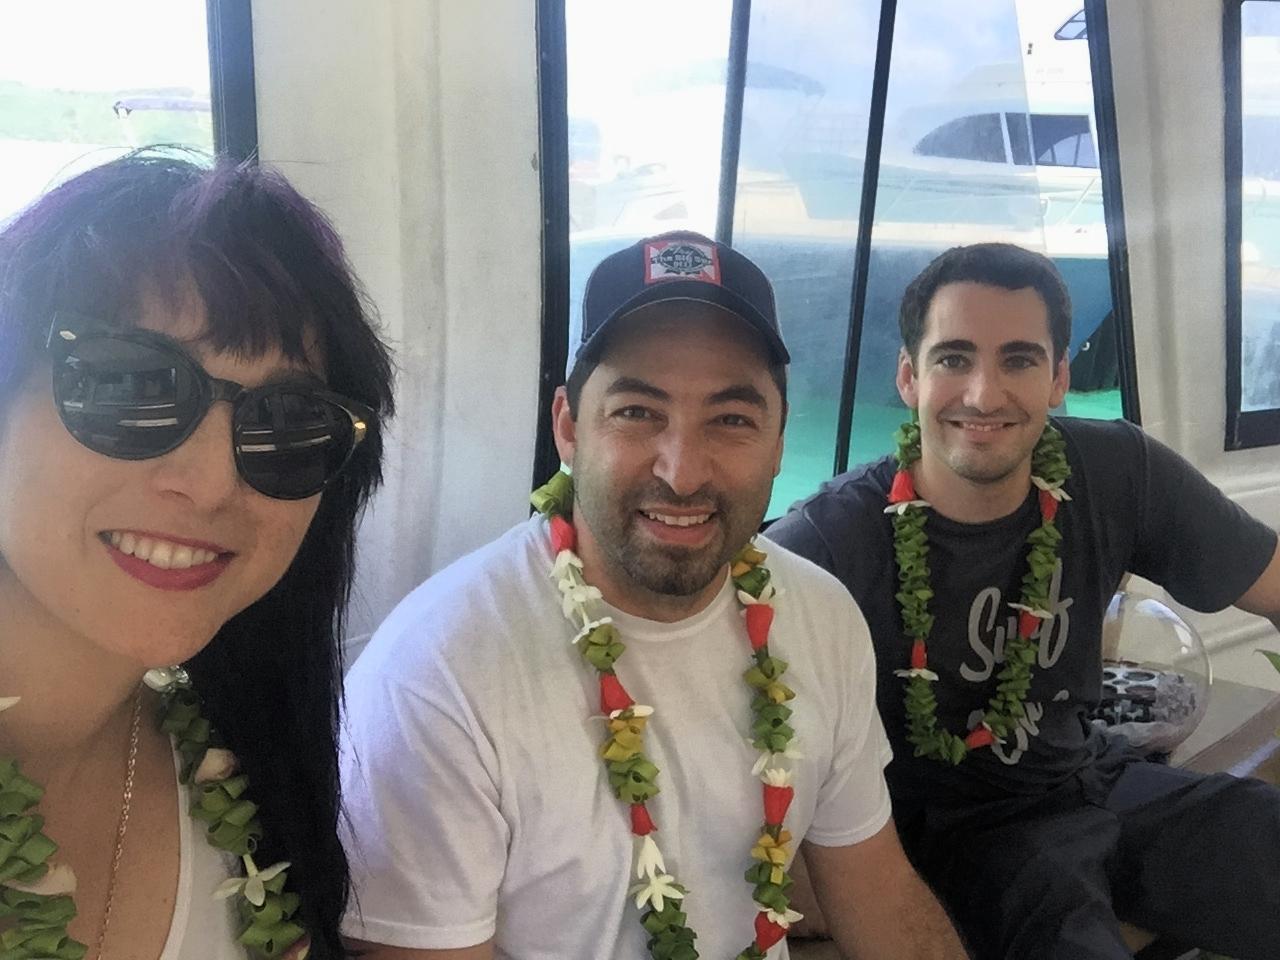 The crew's arrival on Bora Bora